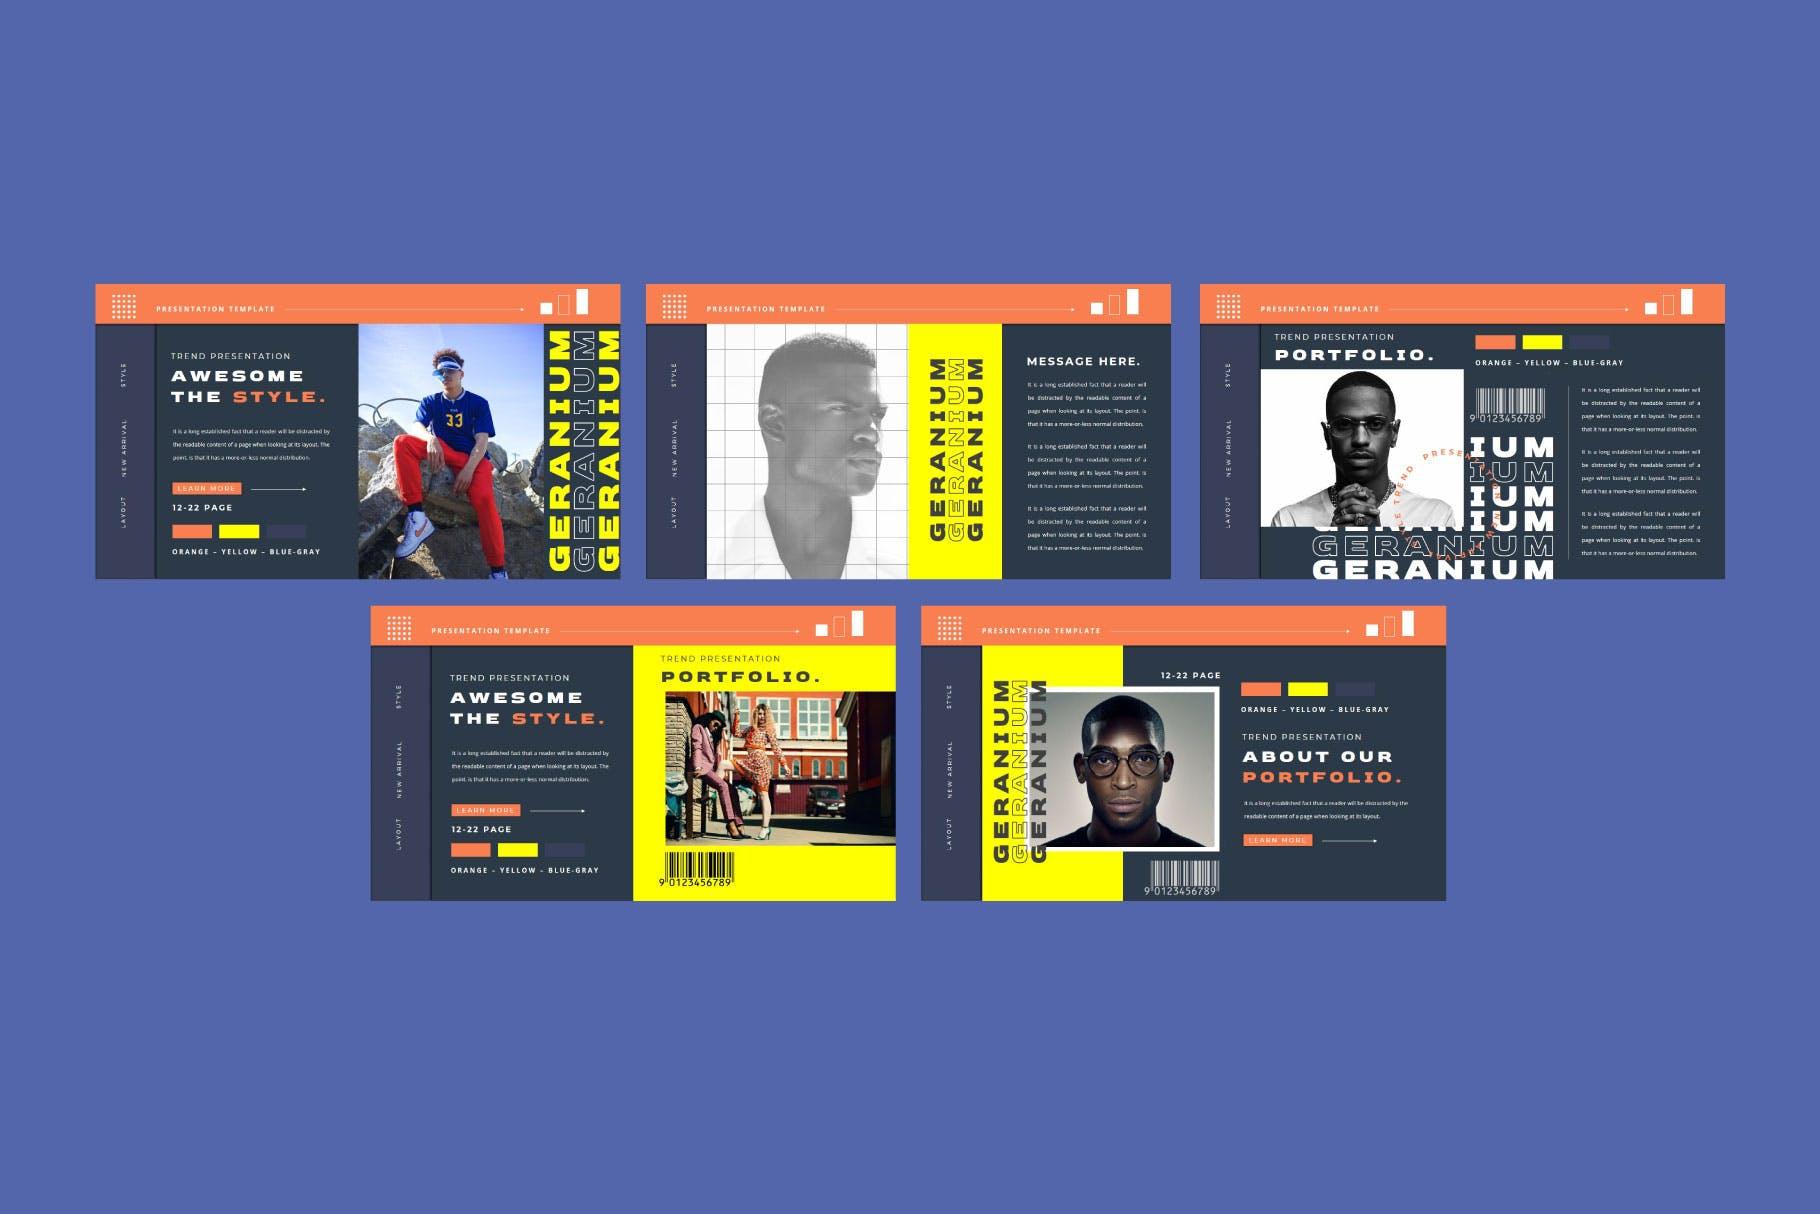 潮流品牌营销提案简报作品集设计模板 GERANIUM Powerpoint Template插图3